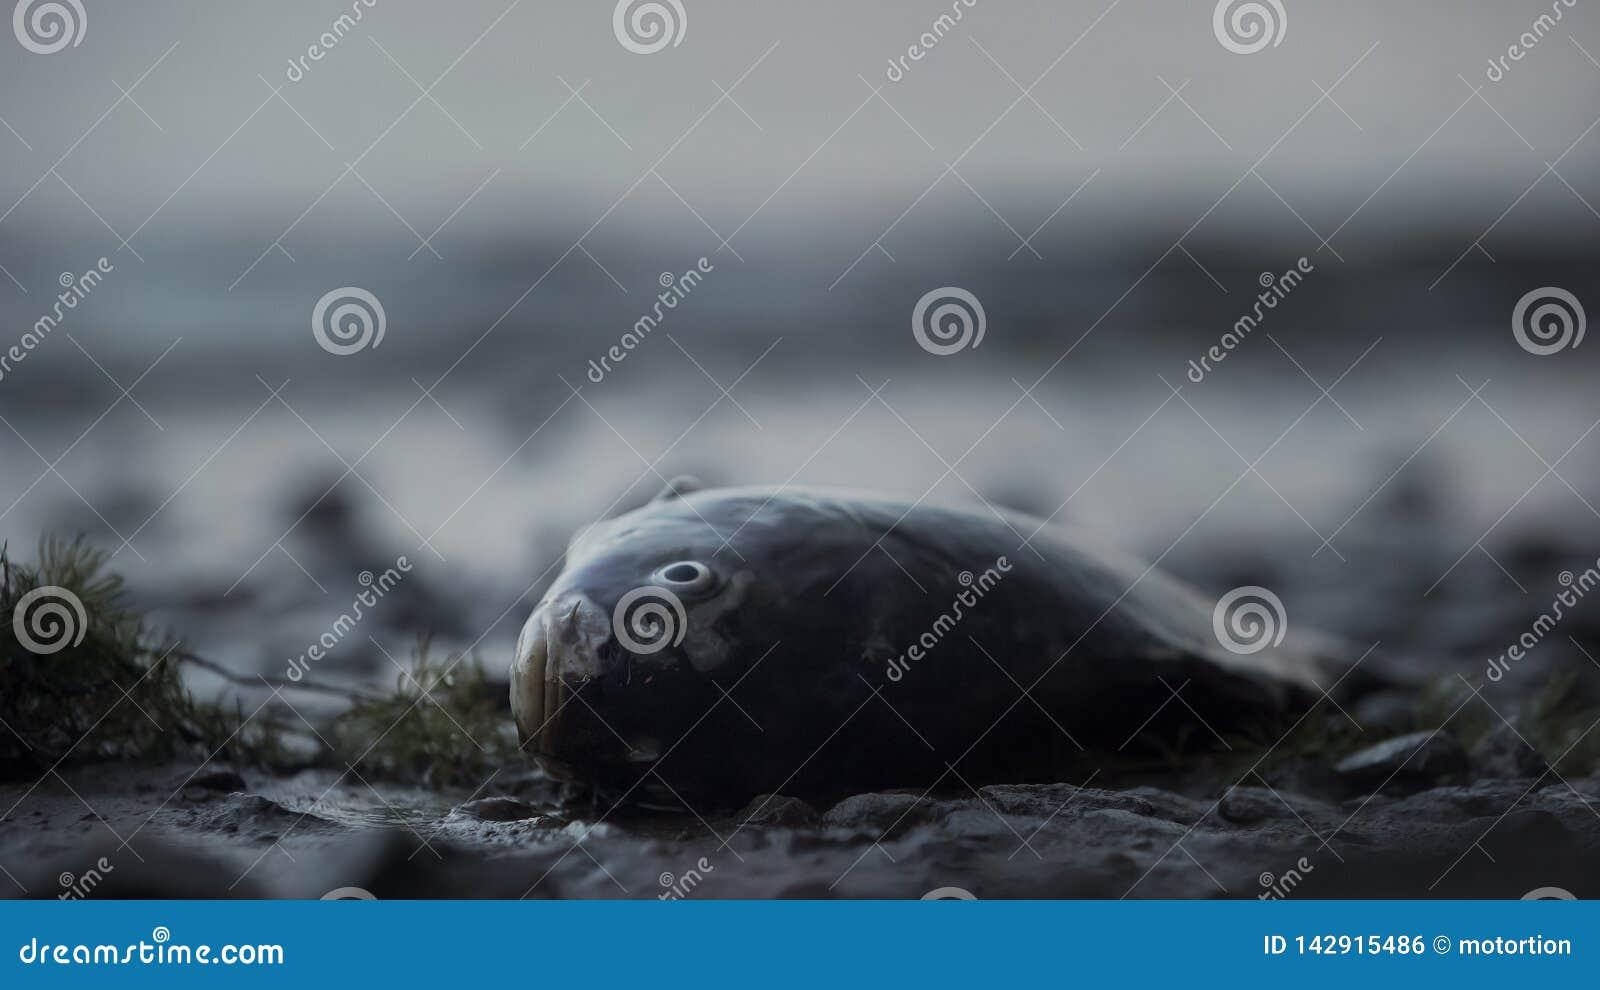 Pescados muertos que mienten en la costa, tragedia en el océano, desastre ambiental, ecología